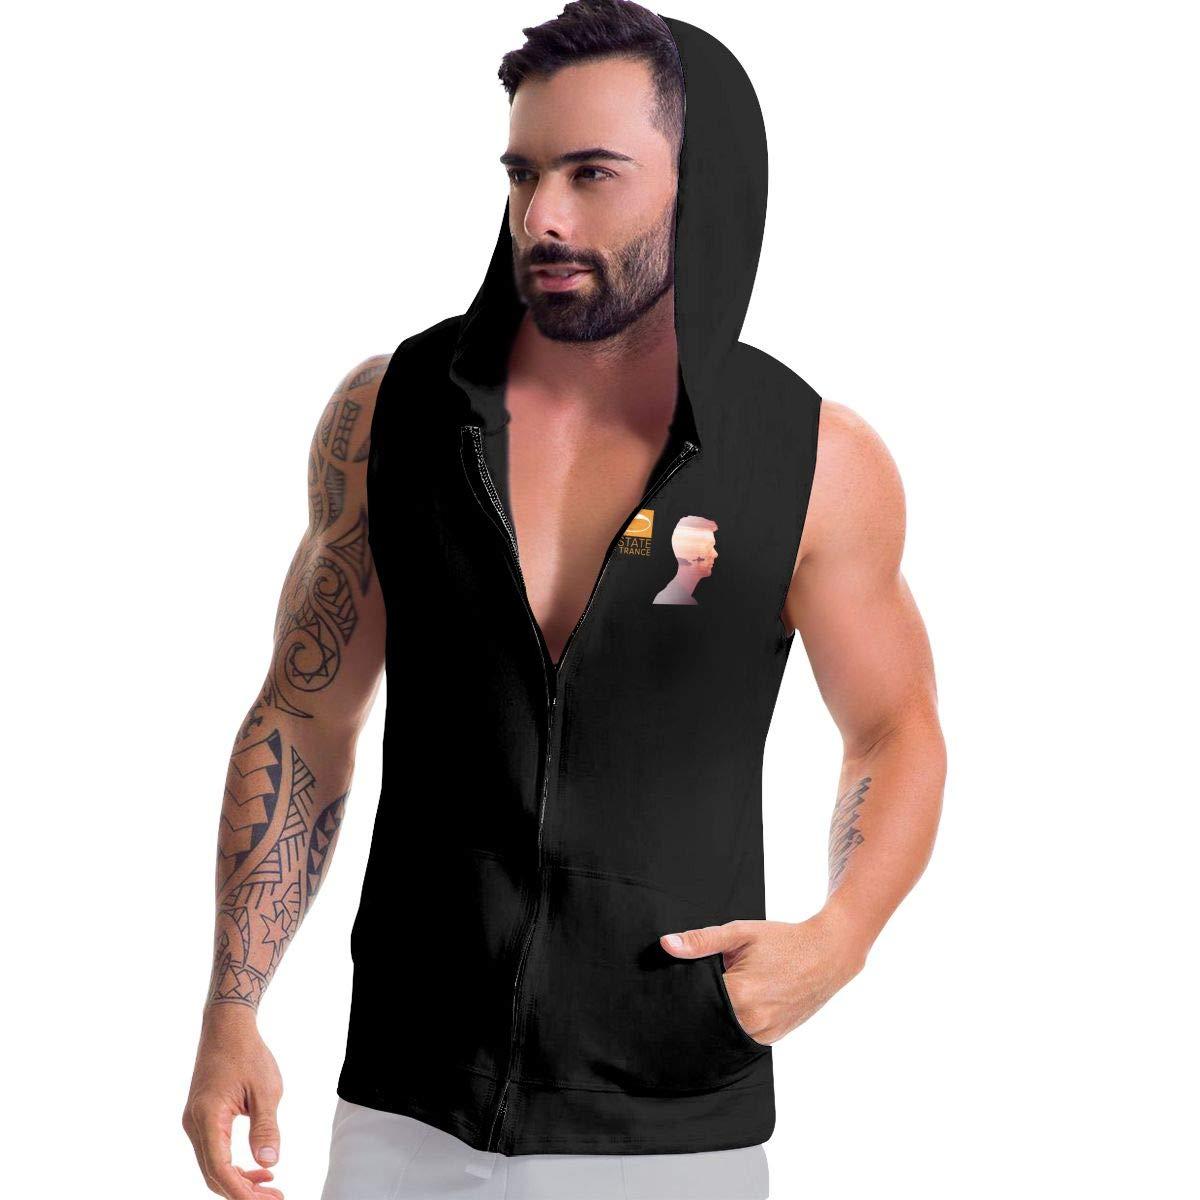 Man's Armin Van Buuren Music Band Sleeveless Gym Hoodies Workout Hooded Tank Tops Zipper Pocket Vest XXL Gift Black